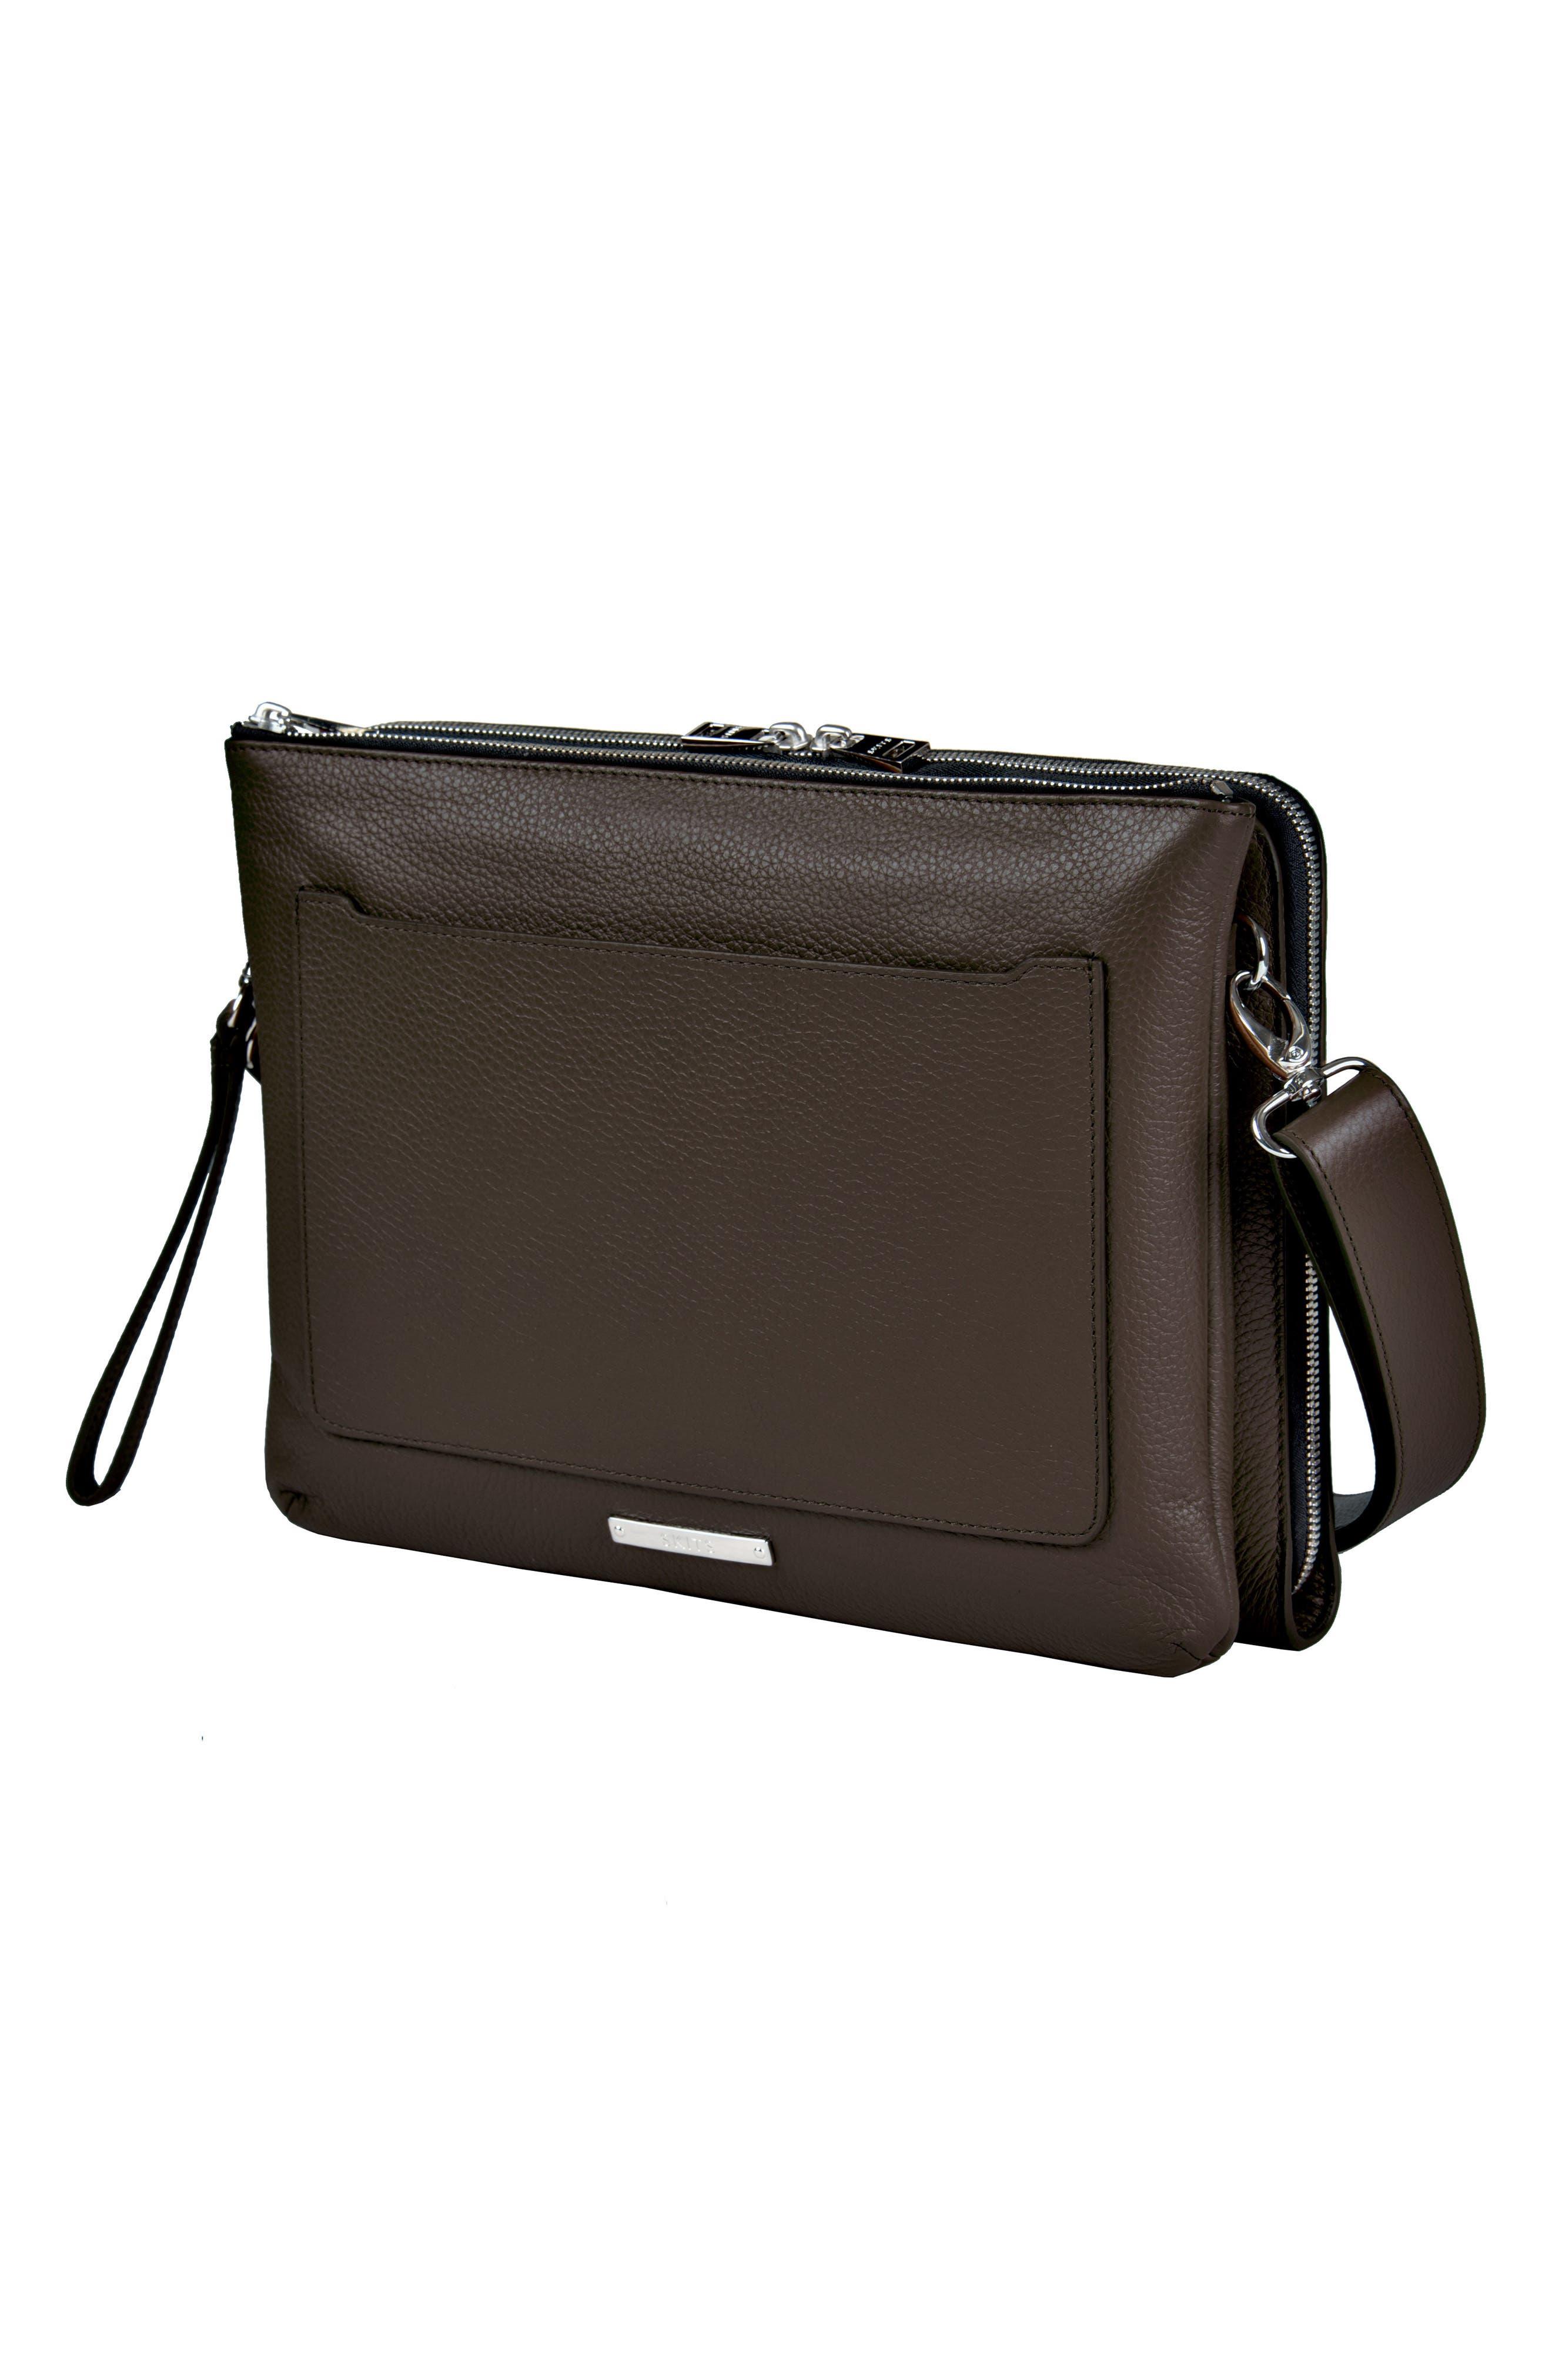 SKITS Bellevue Brilliant Leather Tech Case